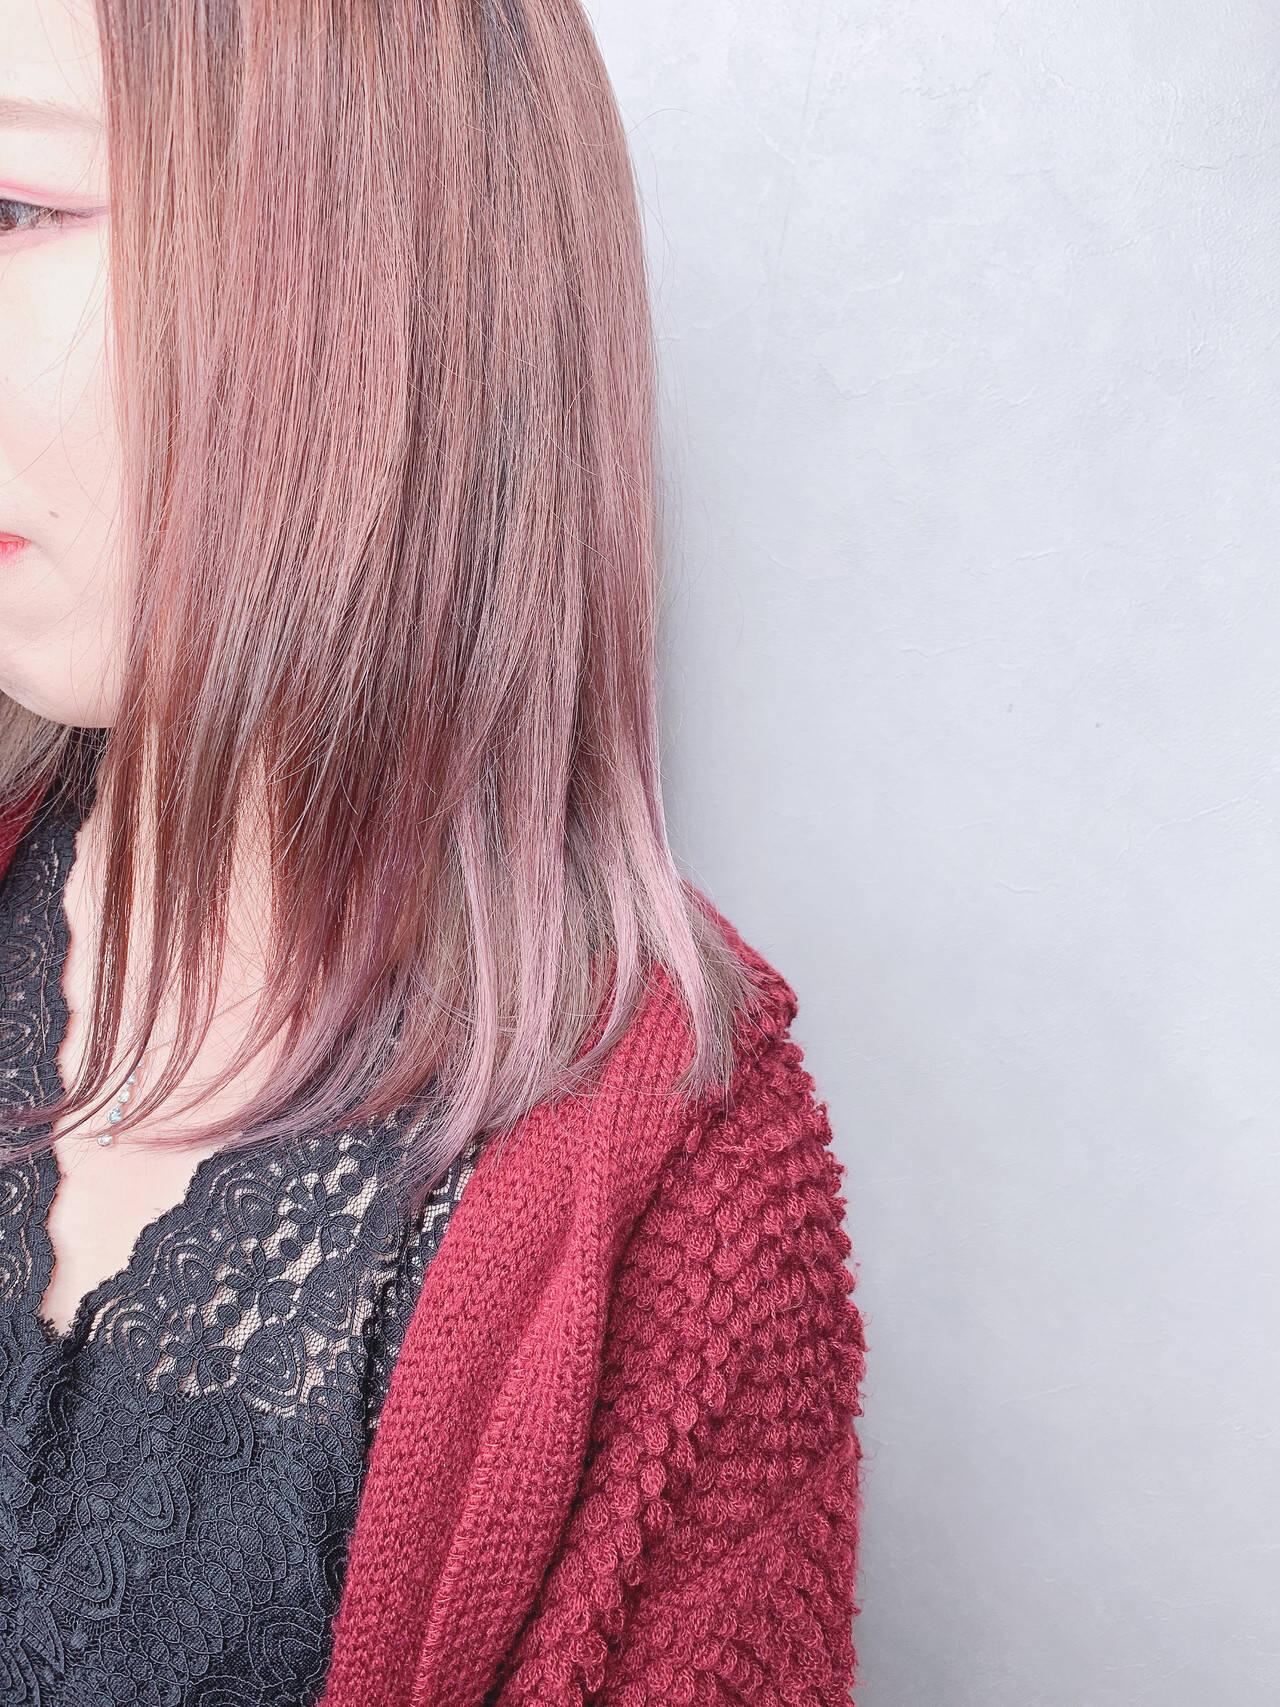 ミルクティーベージュ ミディアム ピンクベージュ ローズヘアスタイルや髪型の写真・画像